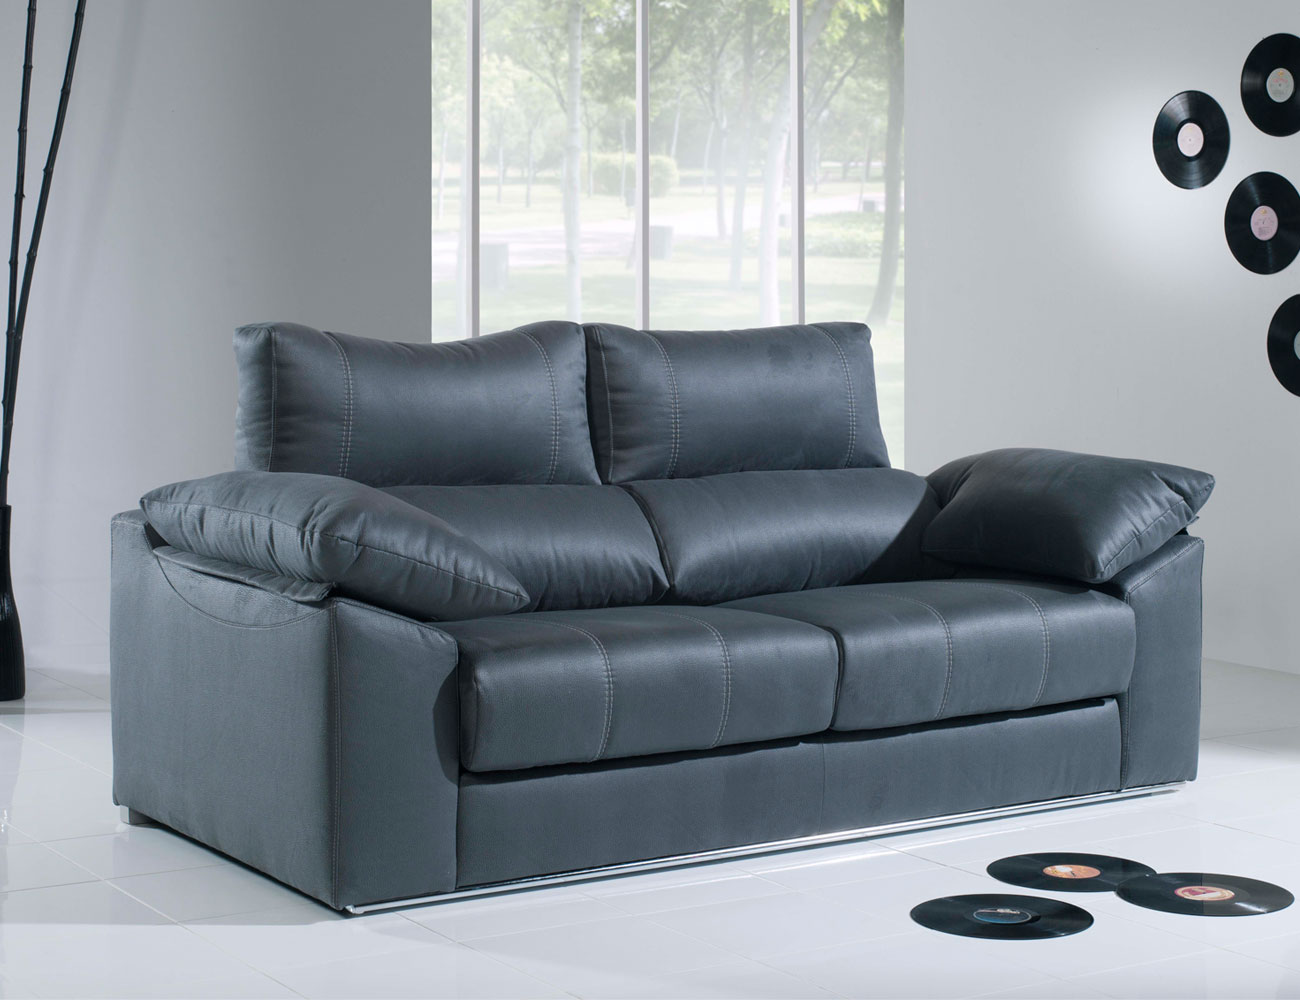 Sofa 3 plazas moderno con barra25